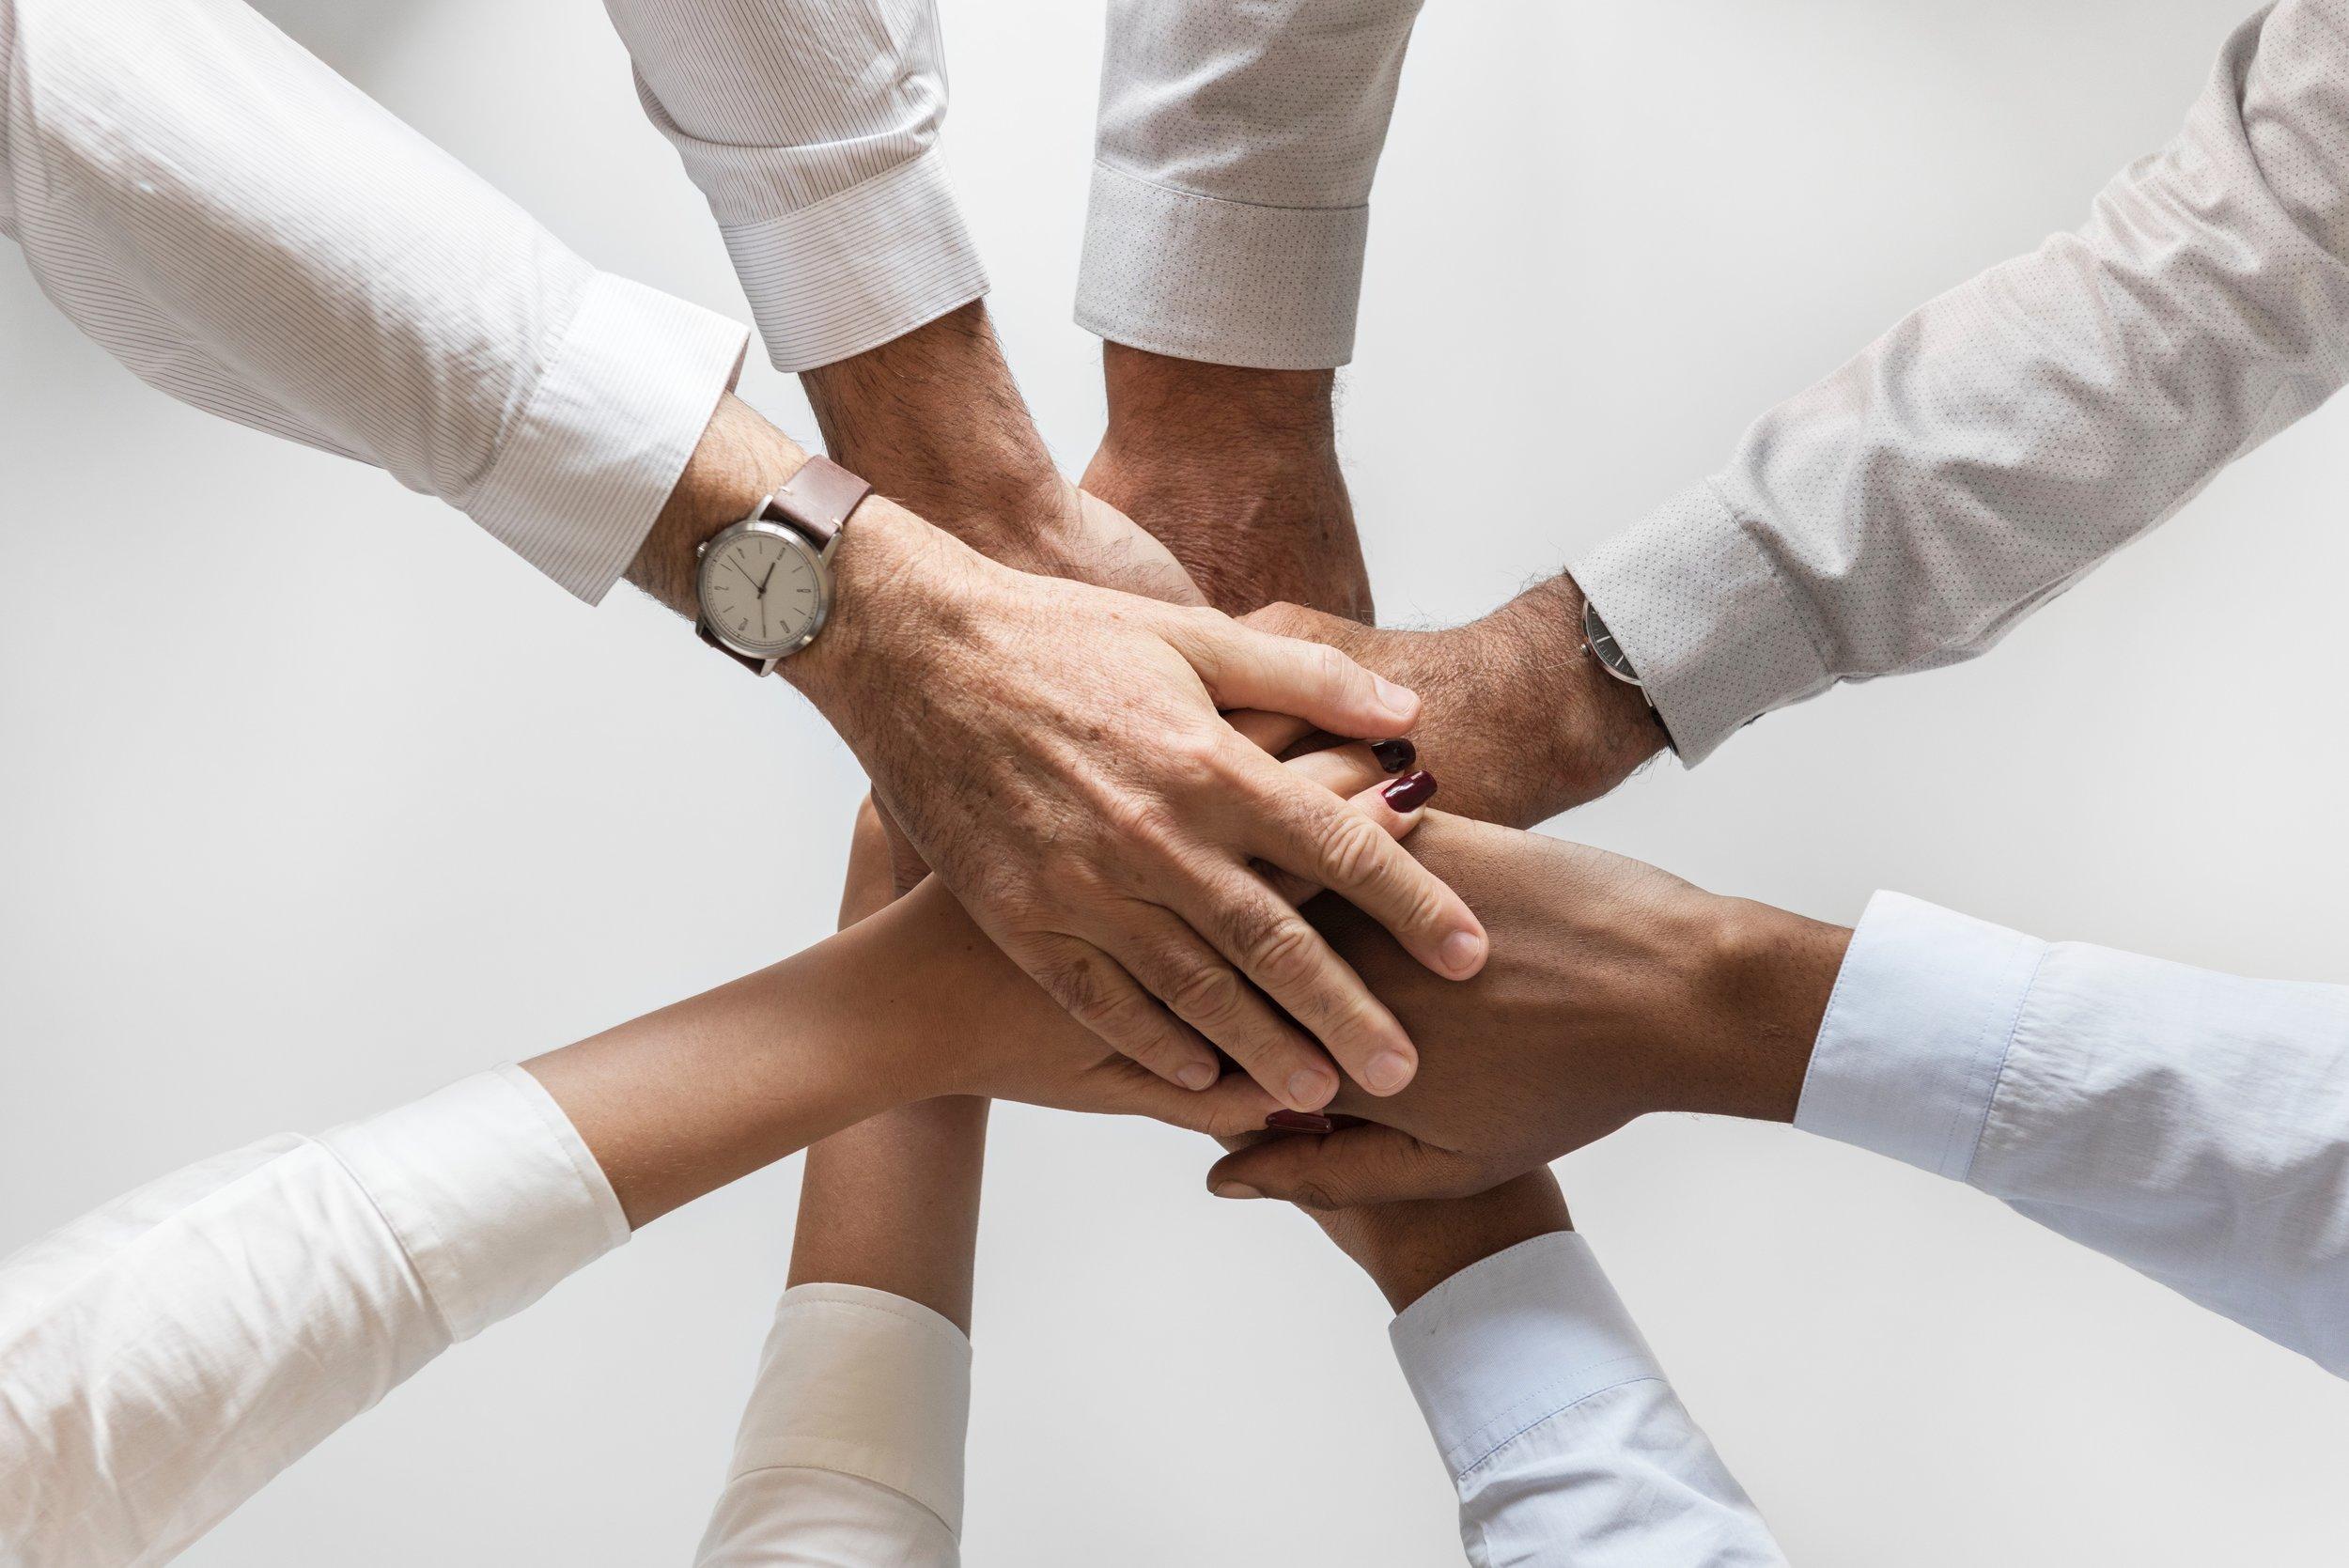 Erfolg für Unternehmen - Unternehmen sind wie Lebewesen. Soll ein Unternehmen richtig erfolgreich sein, muss es auf allen Ebenen kohärent sein.Ich helfe dir, dein Unternehmen sanft und nachhaltig auf Erfolg zu trimmen.